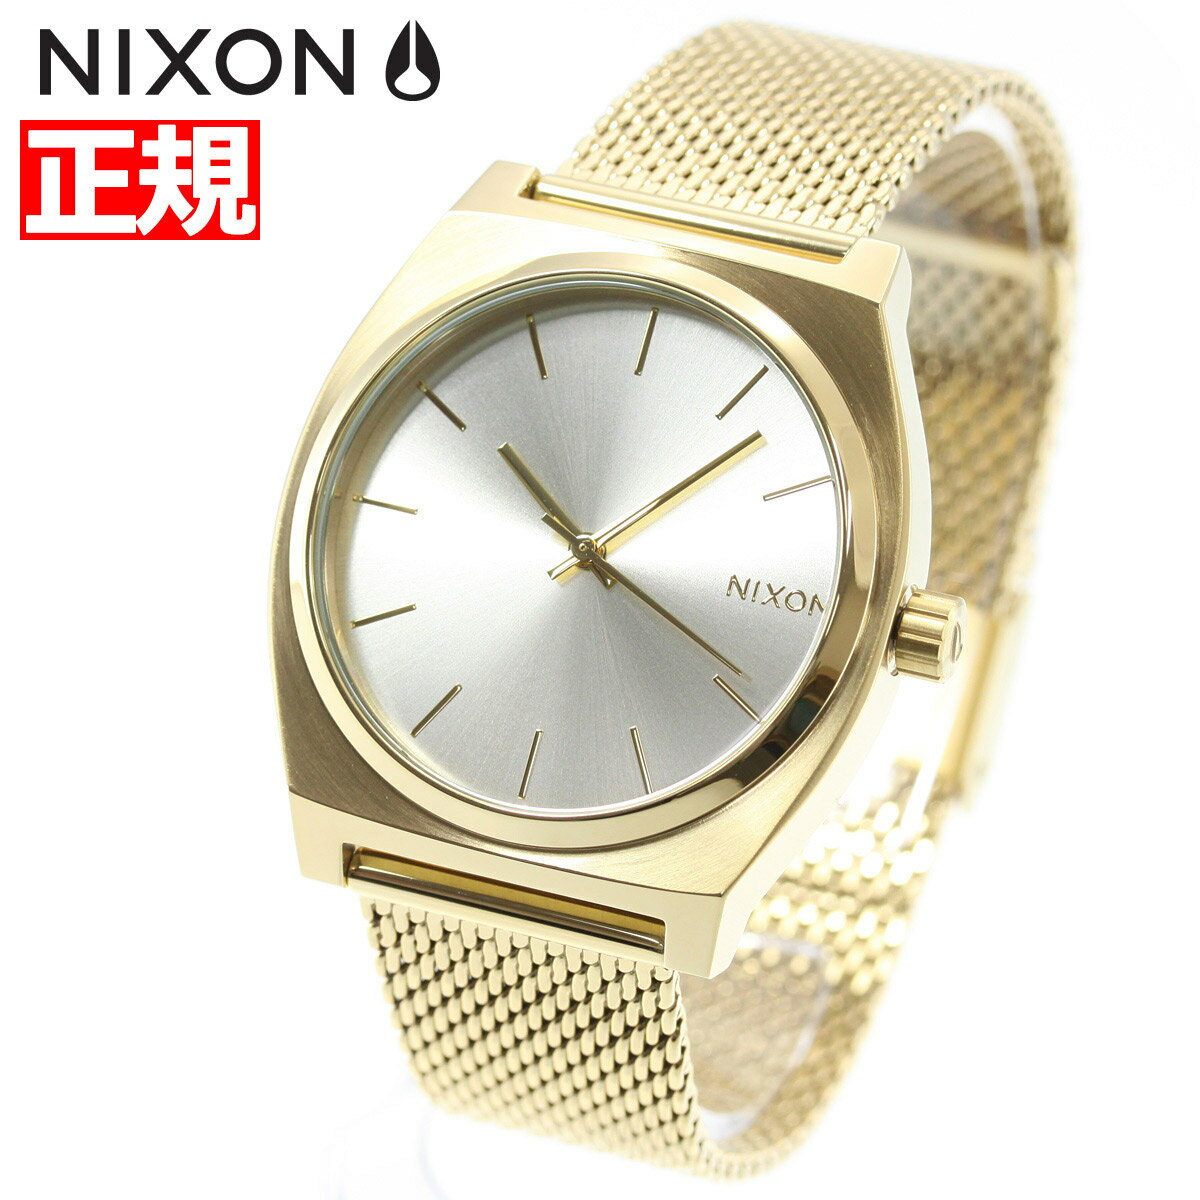 ニクソン NIXON タイムテラー ミラネーゼ TIME TELLER MILANESE 腕時計 レディース オールゴールド/クリーム NA11872807-00